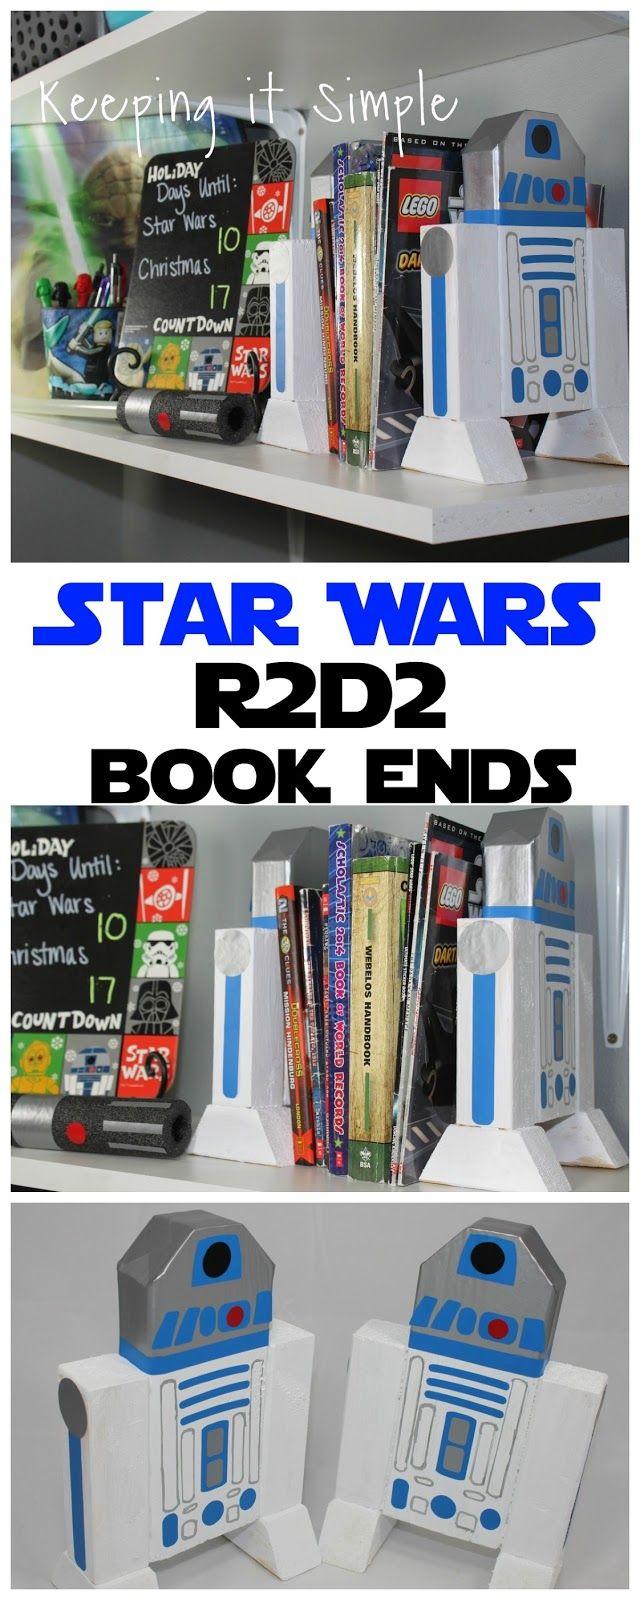 Star Wars Bedroom Decor Idea- 2x4 R2D2 Book Ends